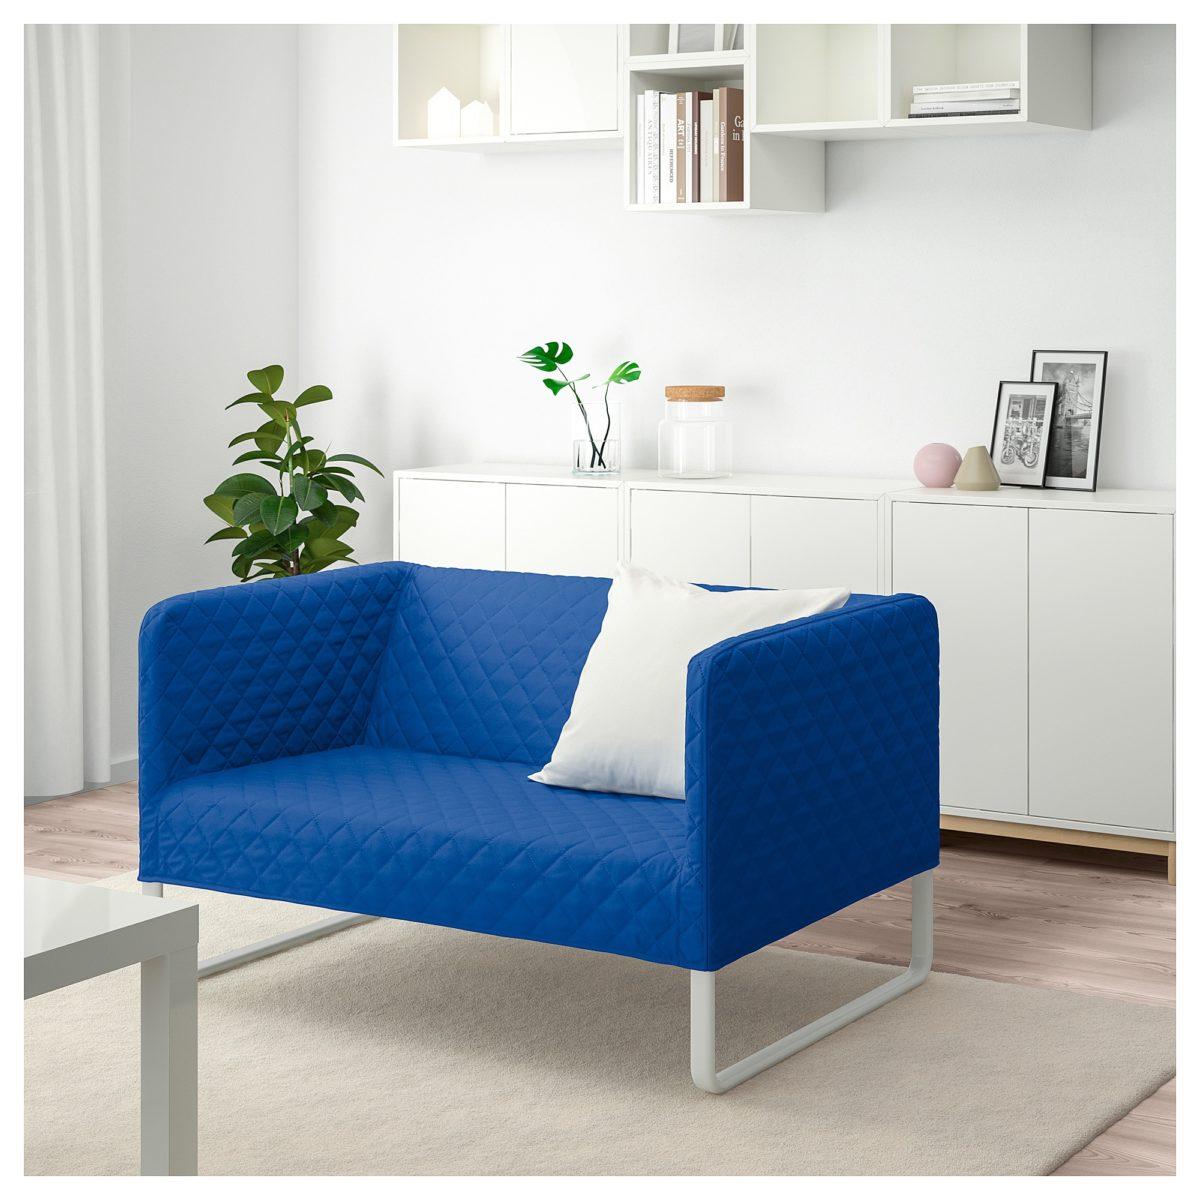 Catalogo Ikea Divani.Divani Ikea 2019